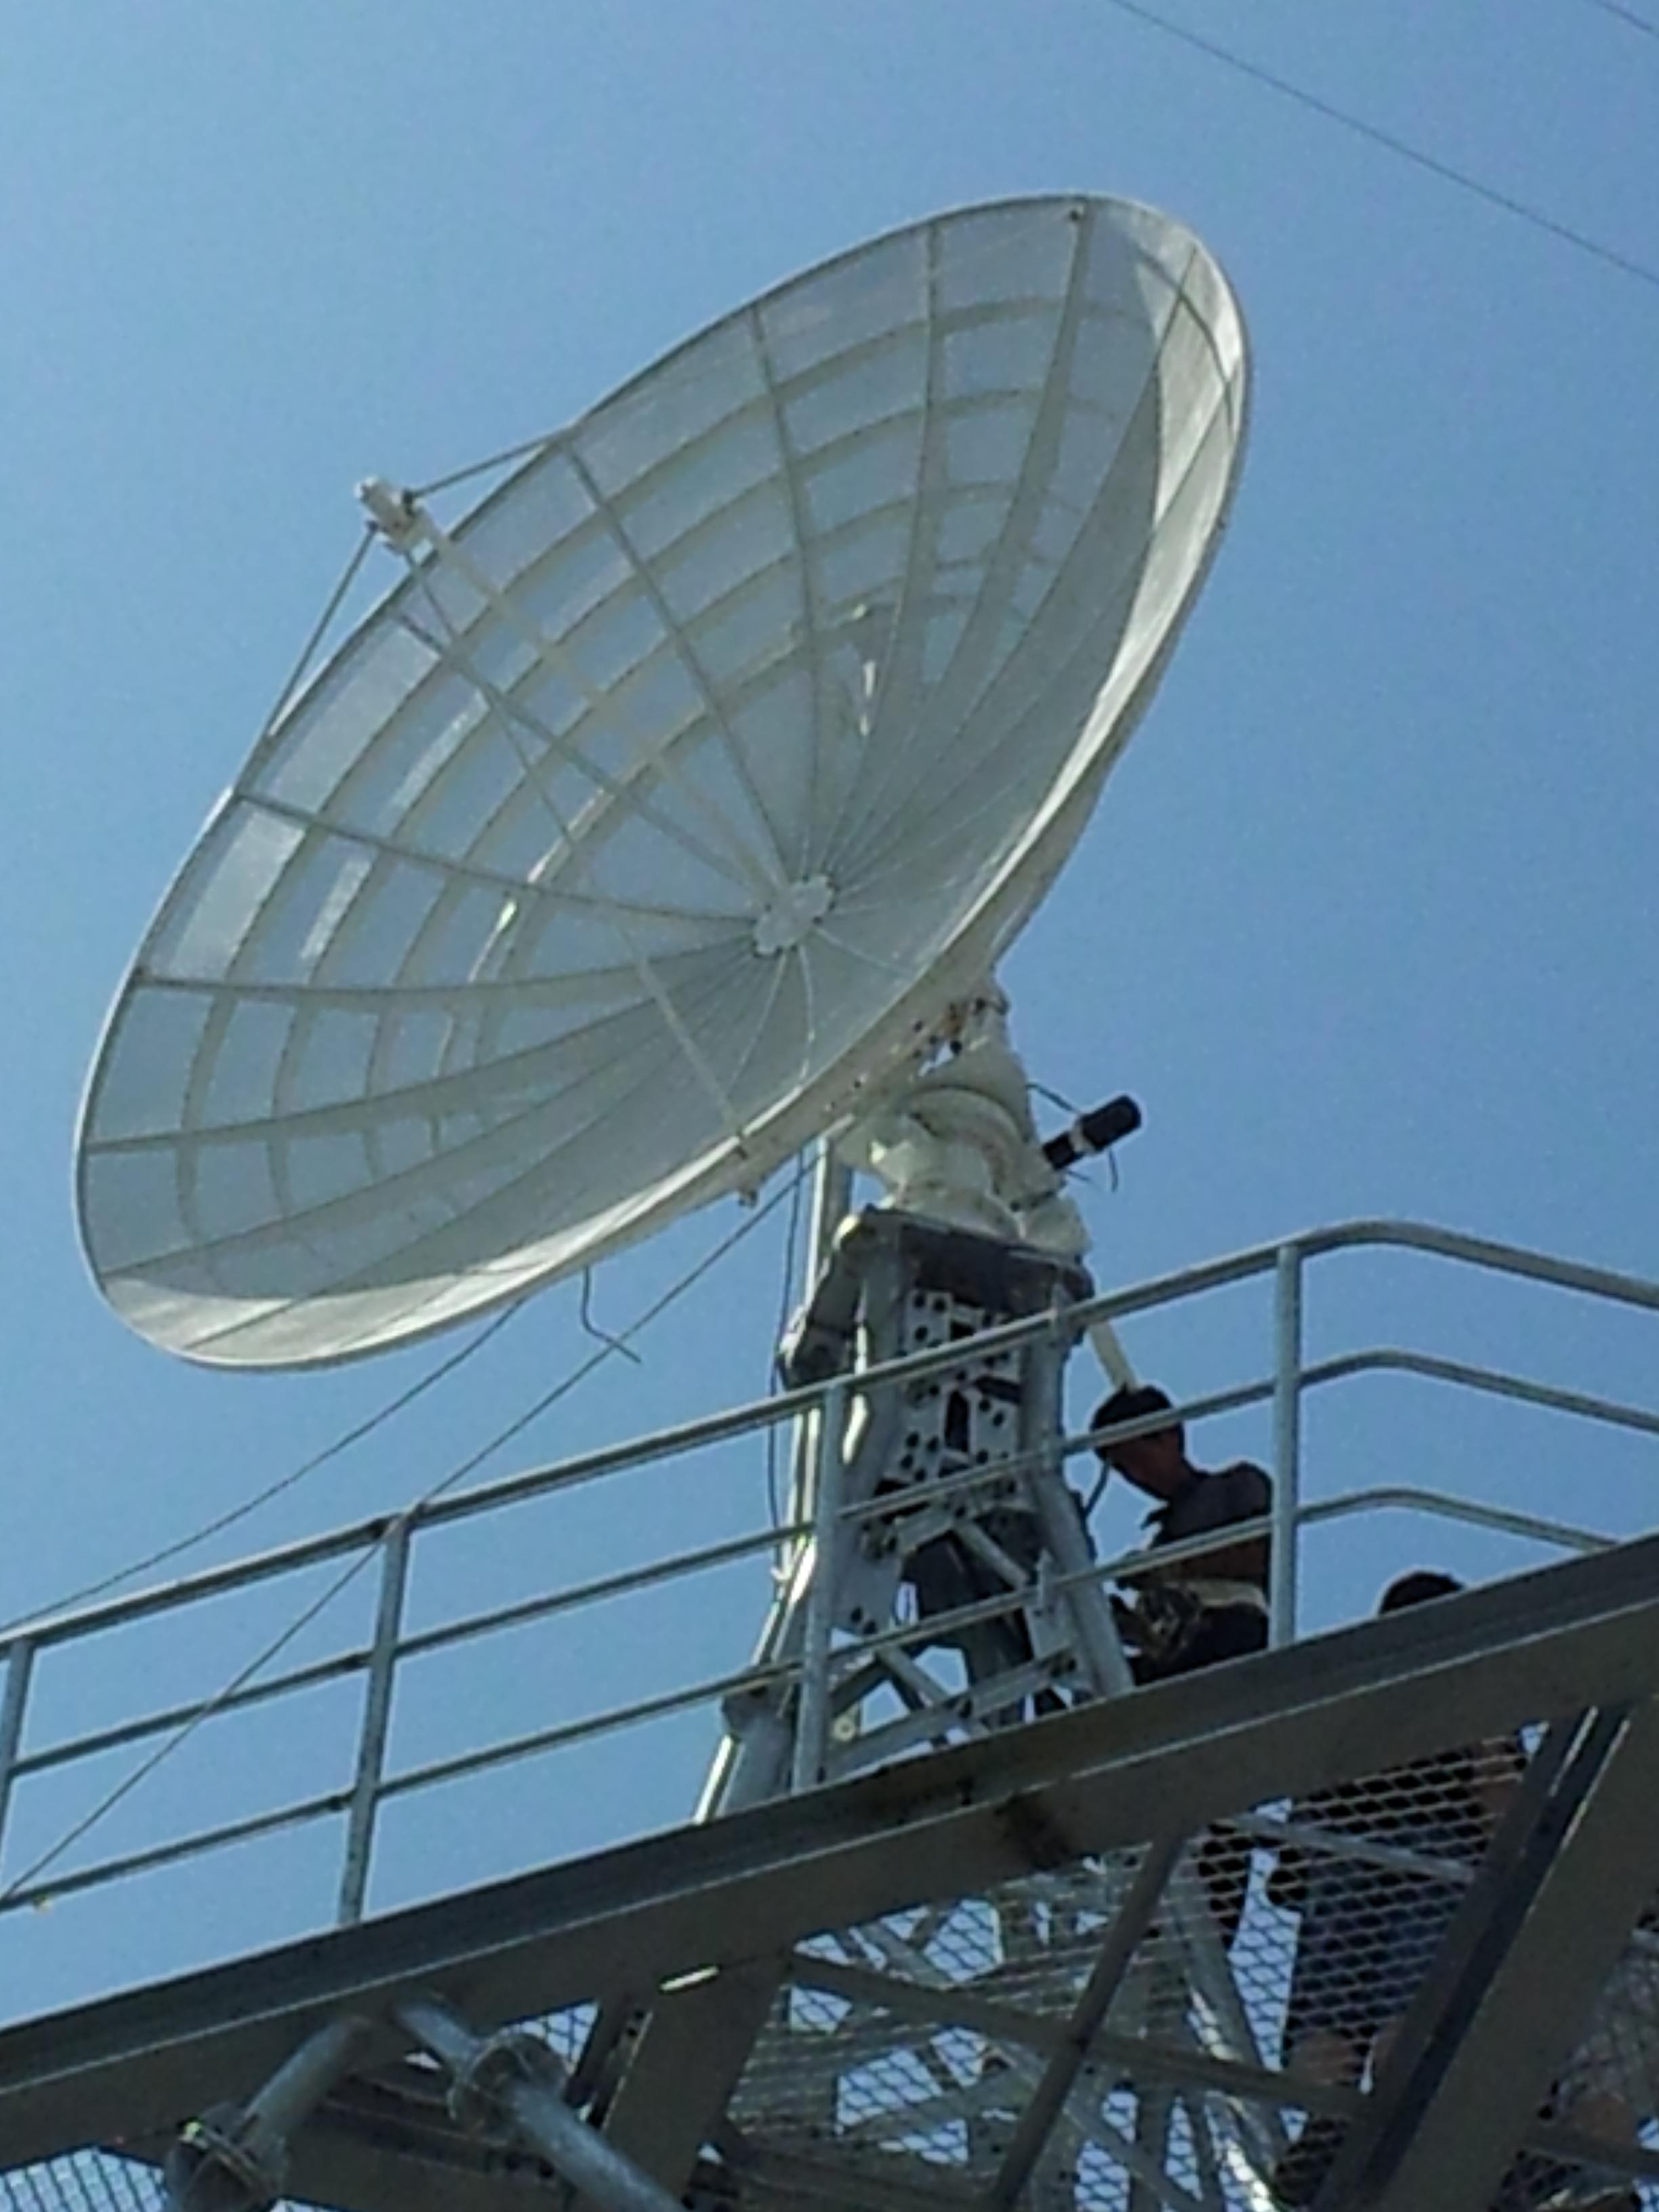 3.7米微波散射通信系统